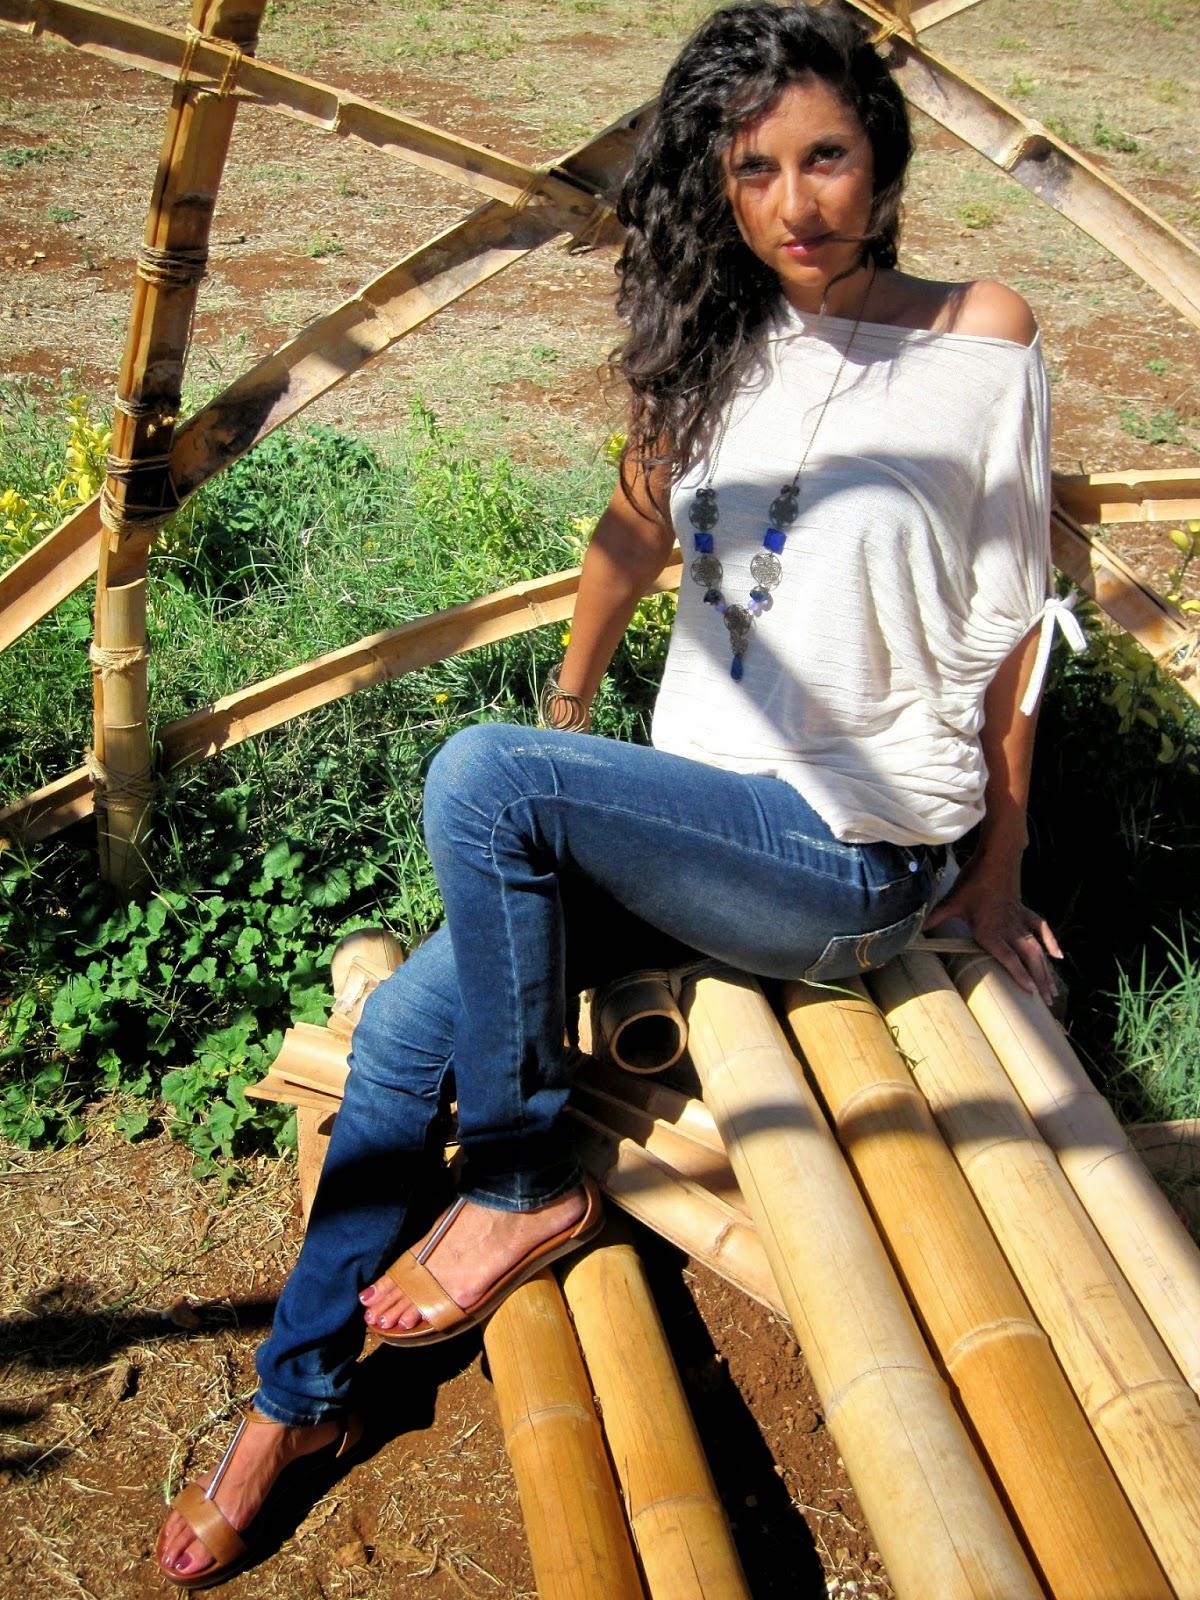 la-sciarpa-viola-parco-sicily-maglia-beige-jeans